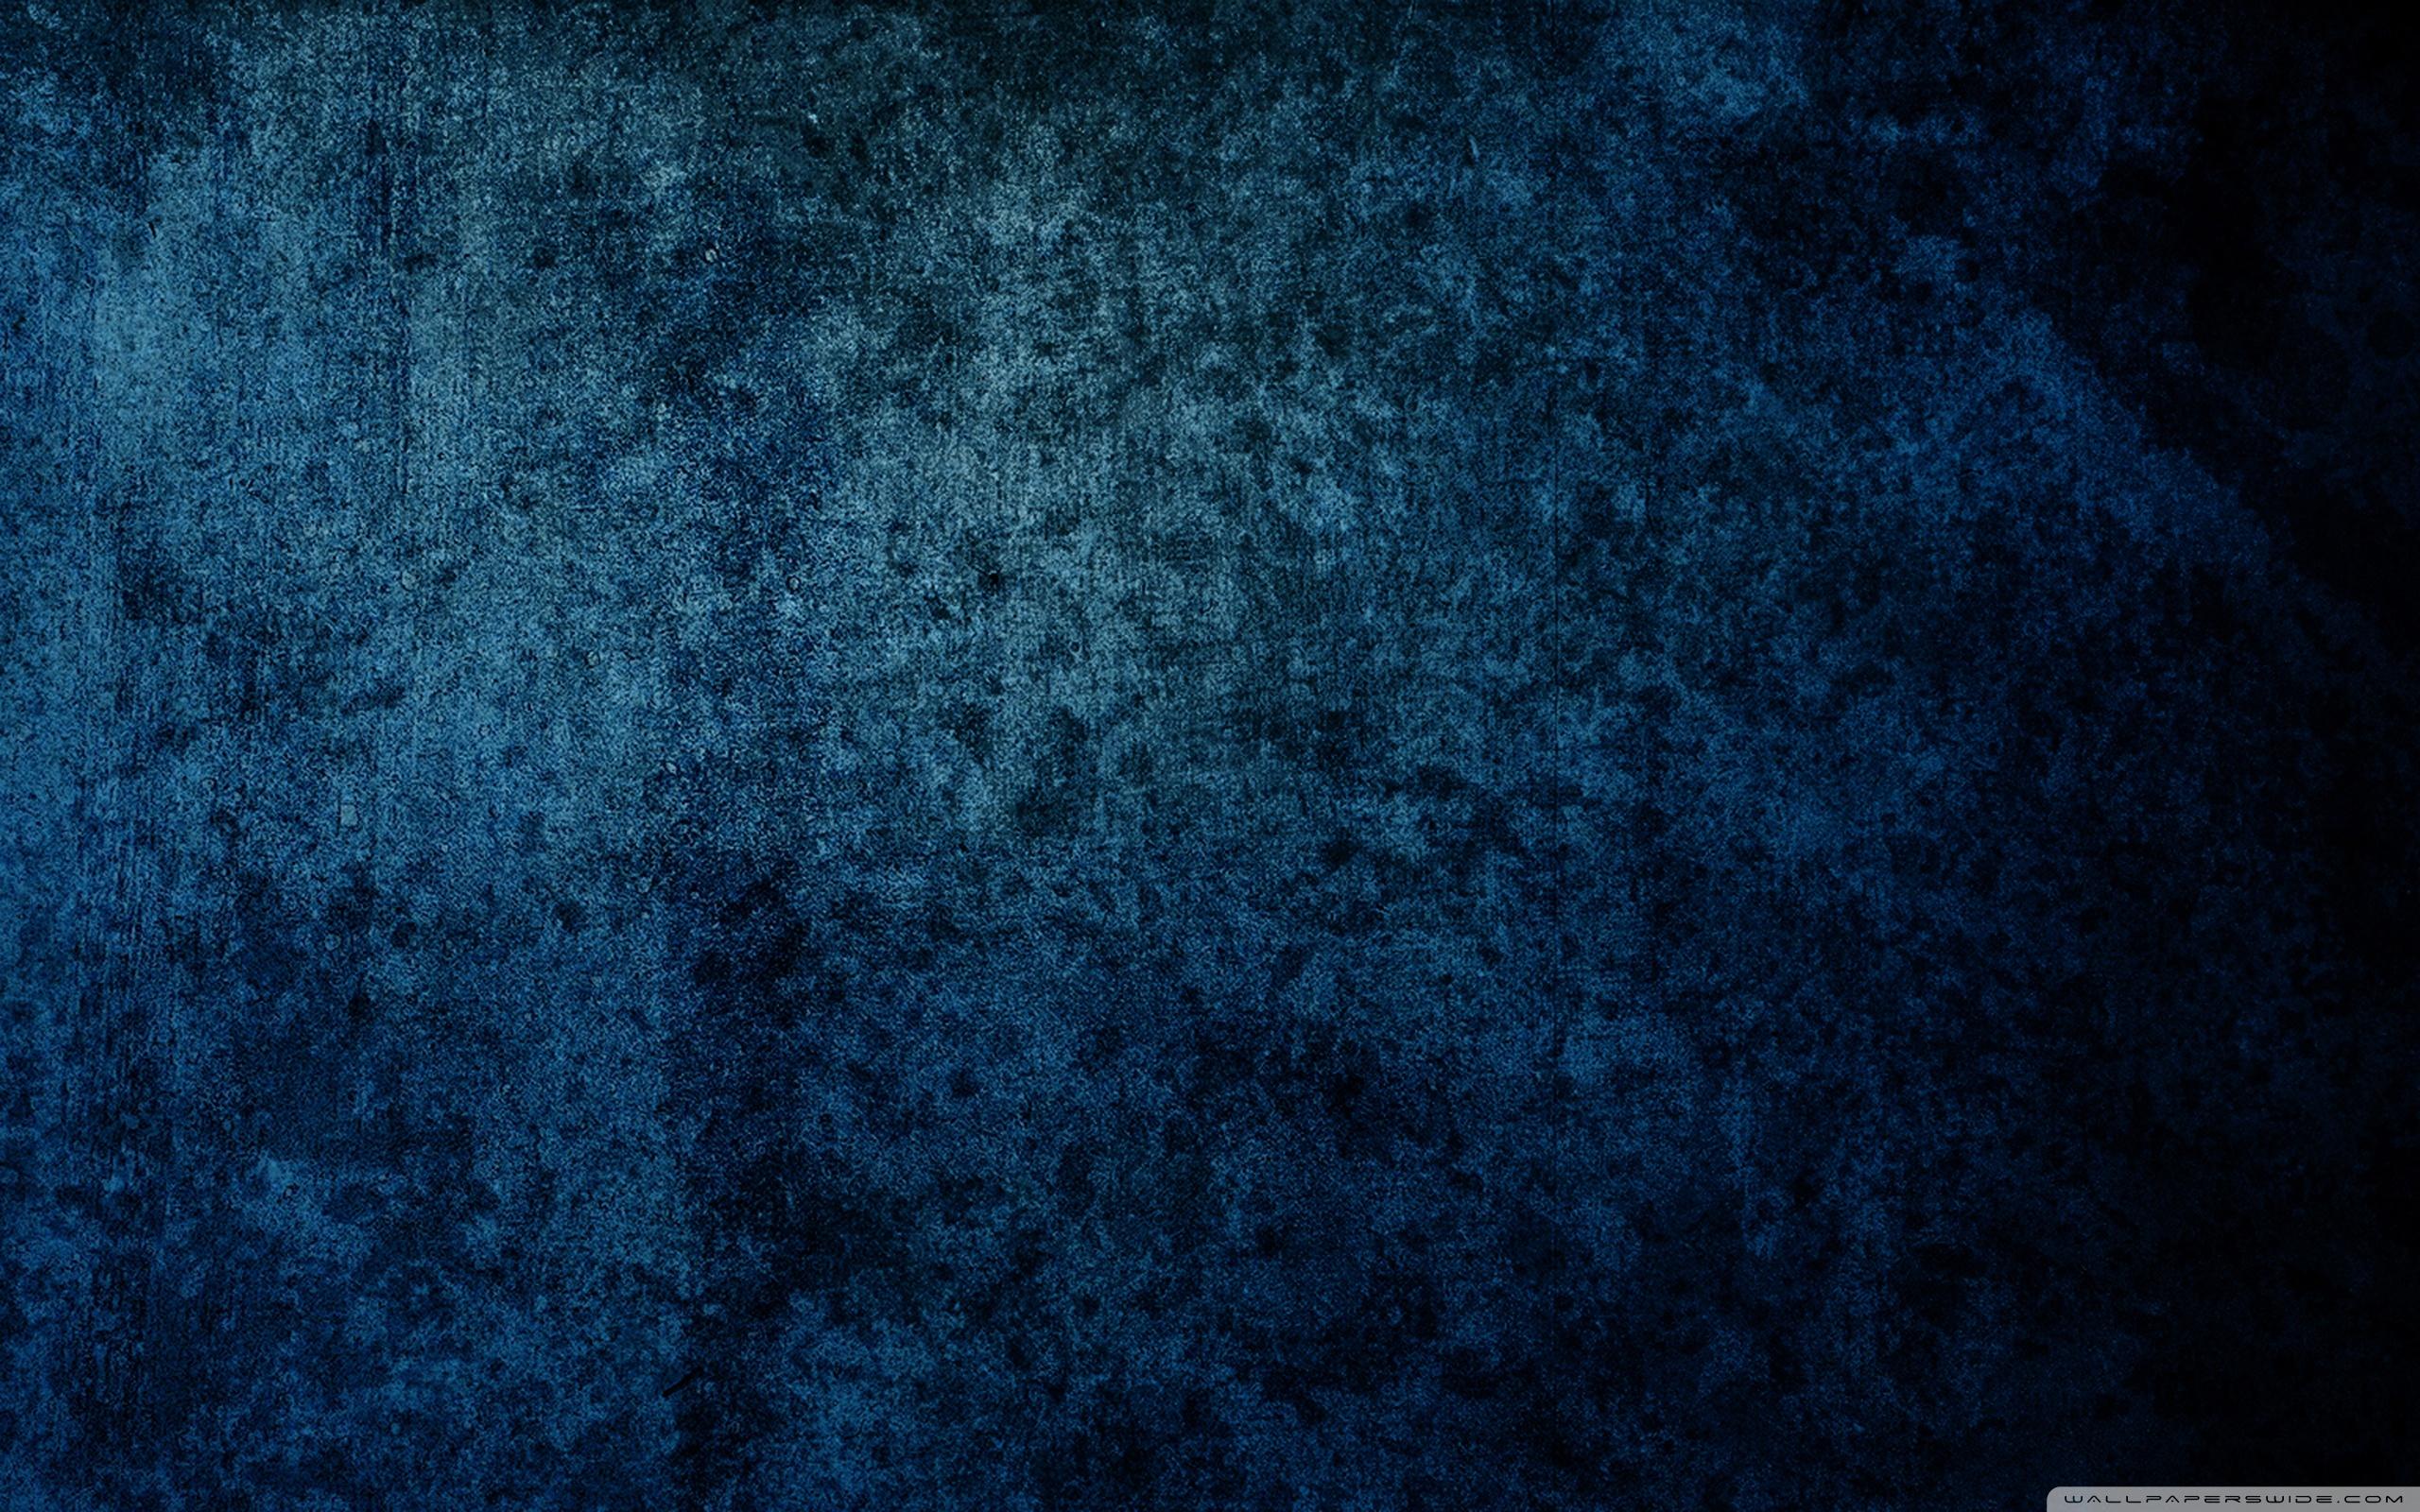 Hình ảnh background tường nhám màu xanh